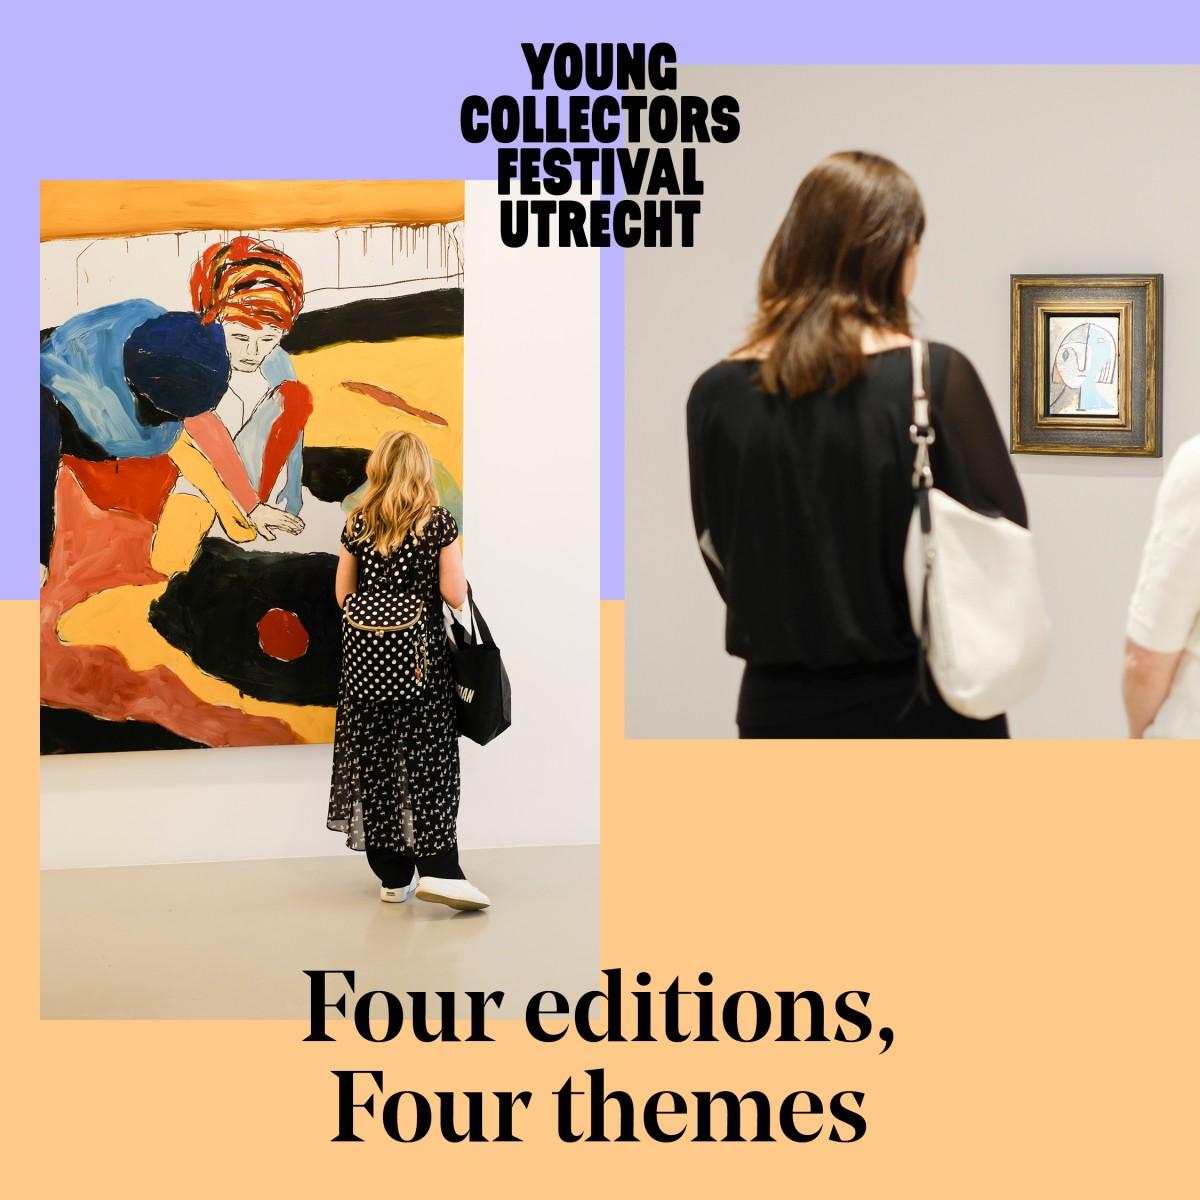 Young Collectors Circle Festival Utrecht Kunst kopen kijken ontdekken verzamelen